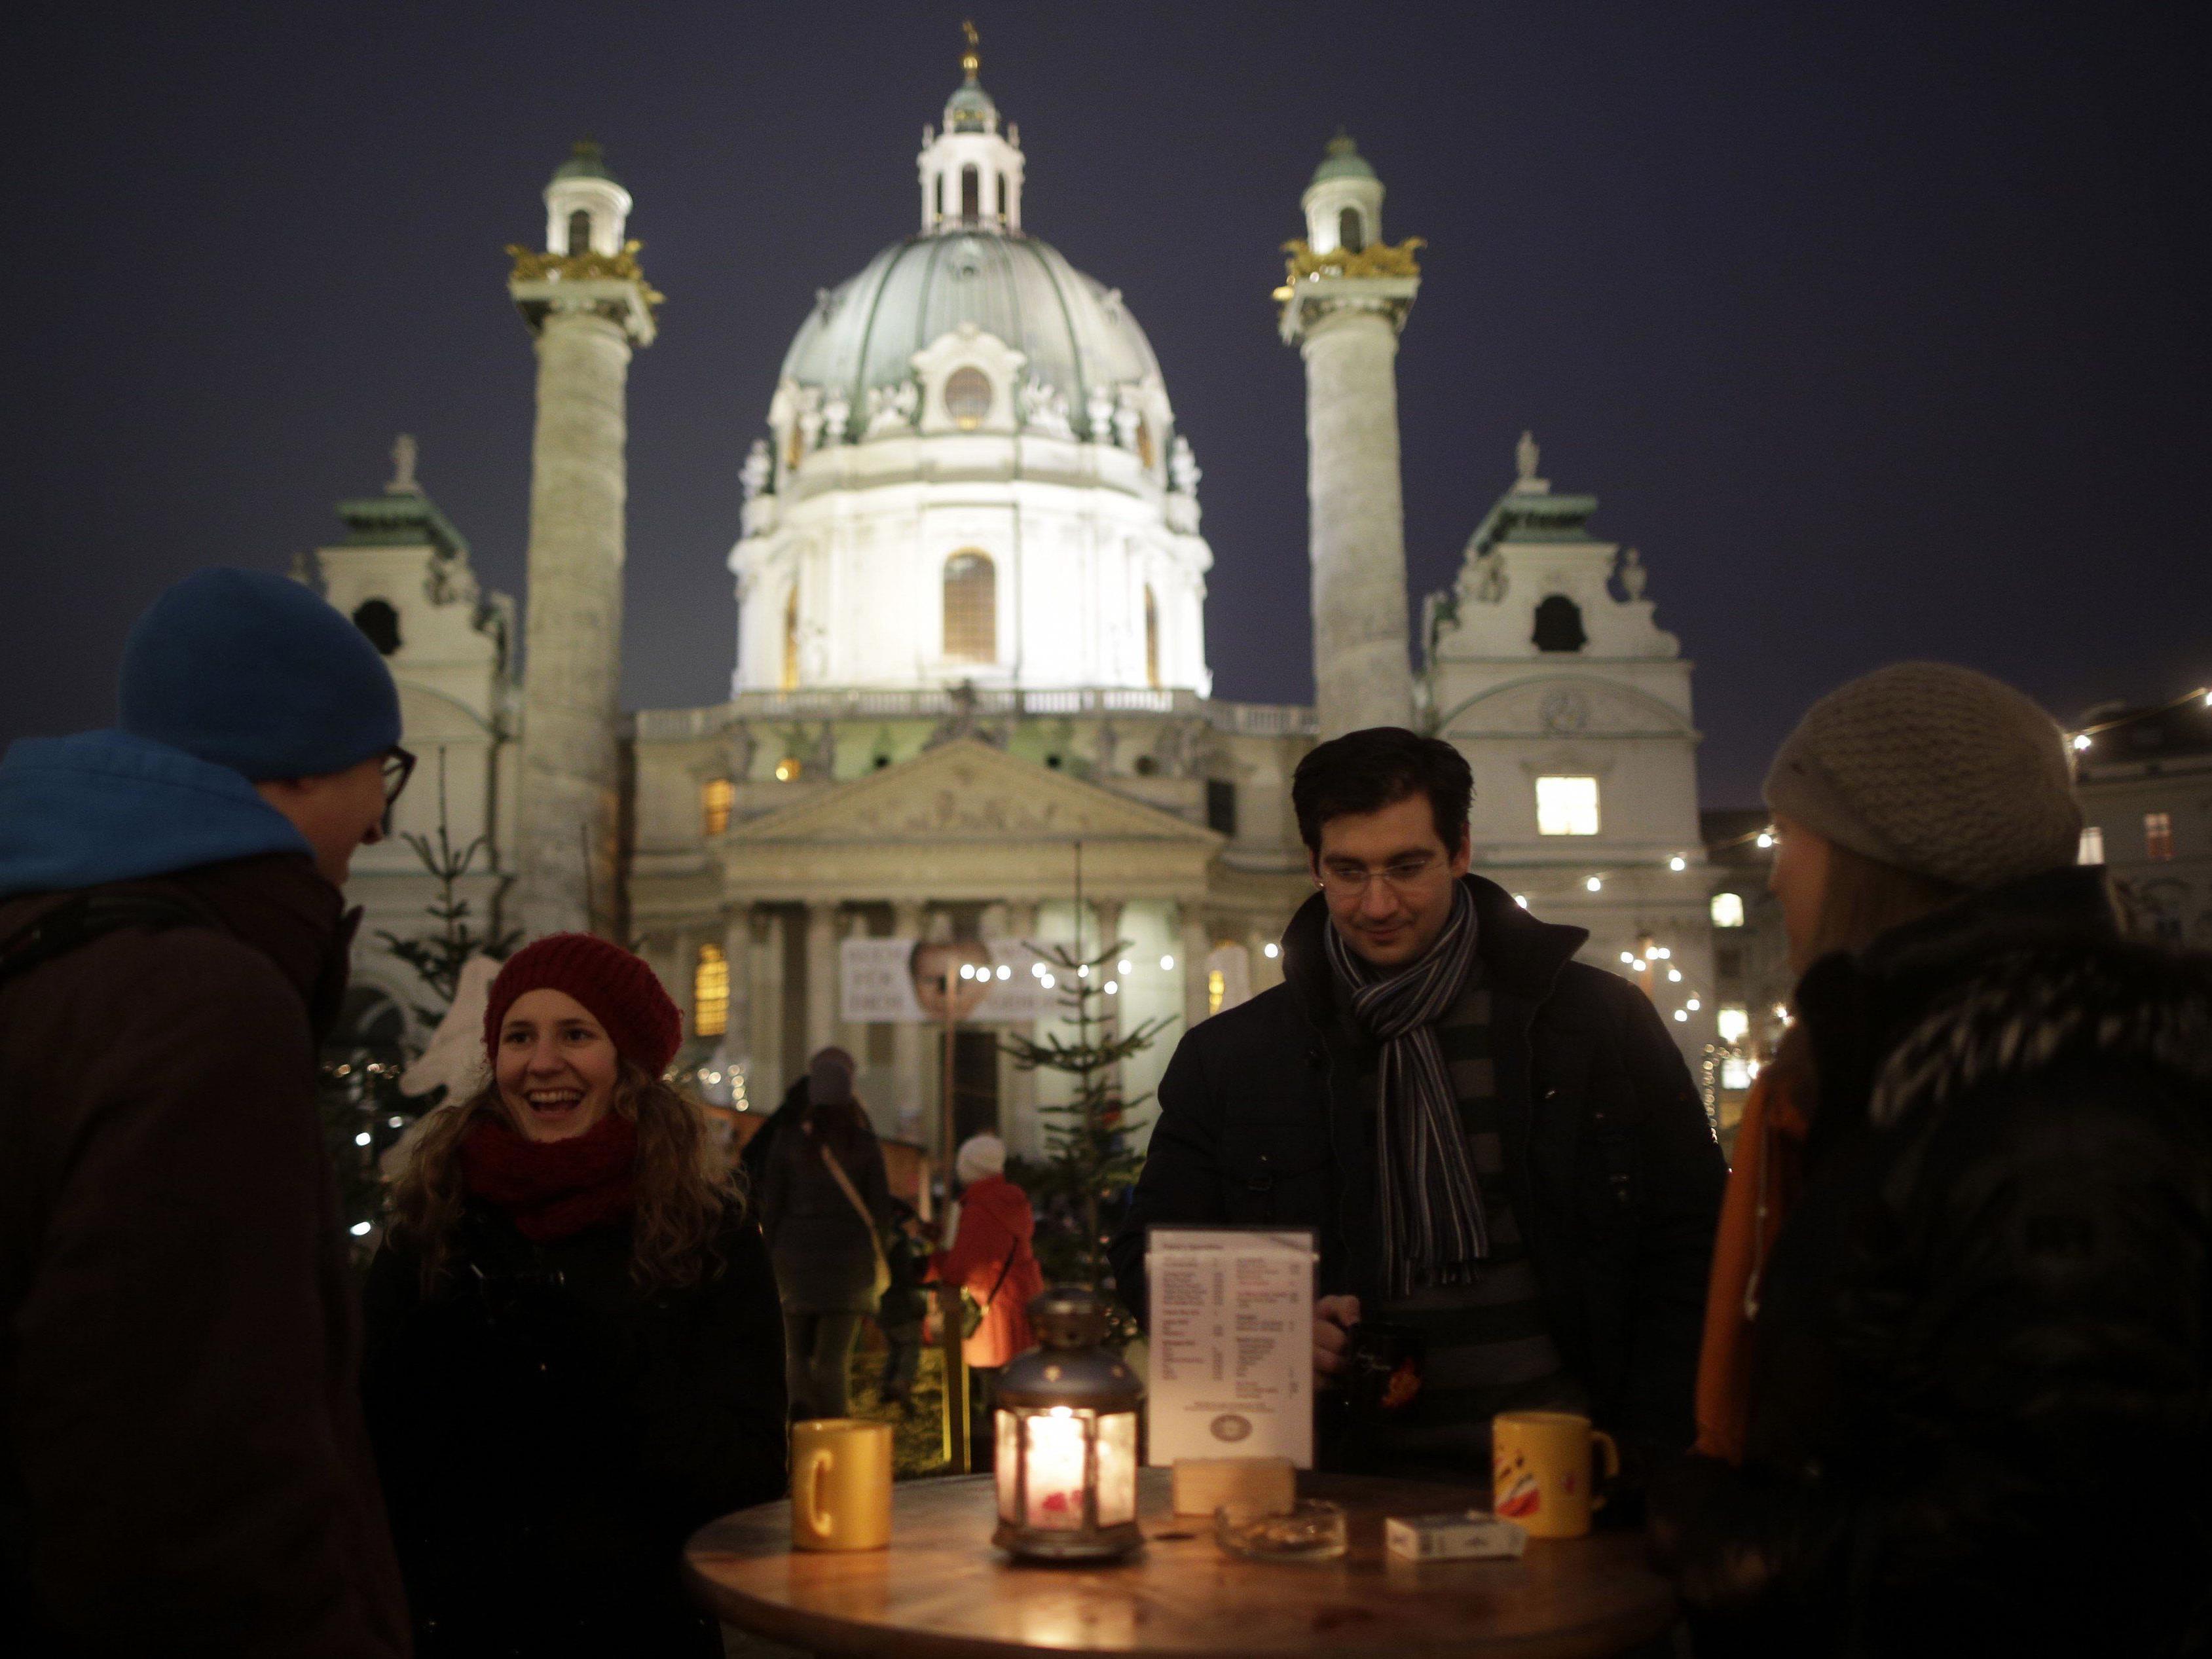 Am 20. November eröffnet der Weihnachtsmarkt vor der Karlskirche.